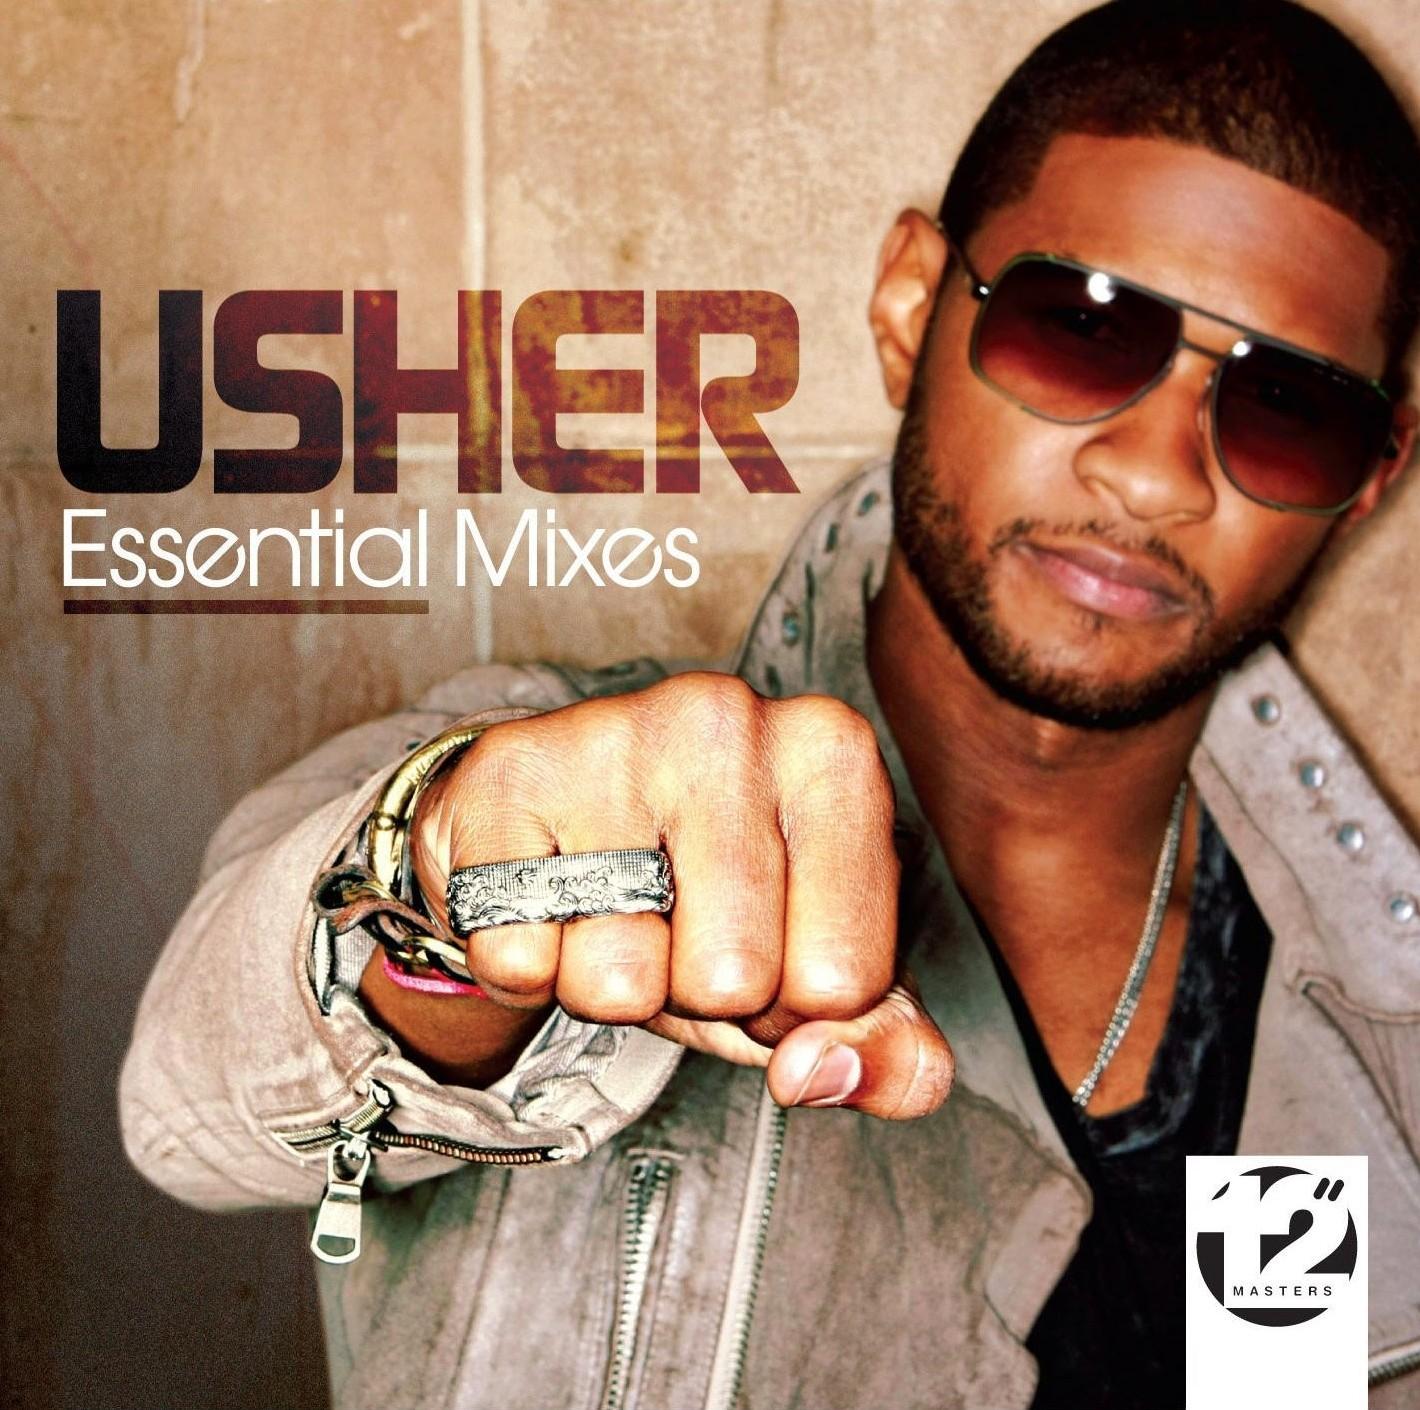 http://4.bp.blogspot.com/_bI5-8YnkkFA/TLq7P7gMiyI/AAAAAAAAE54/PsLPx49k6x0/s1600/Usher+-+Essential+Mixes.jpg